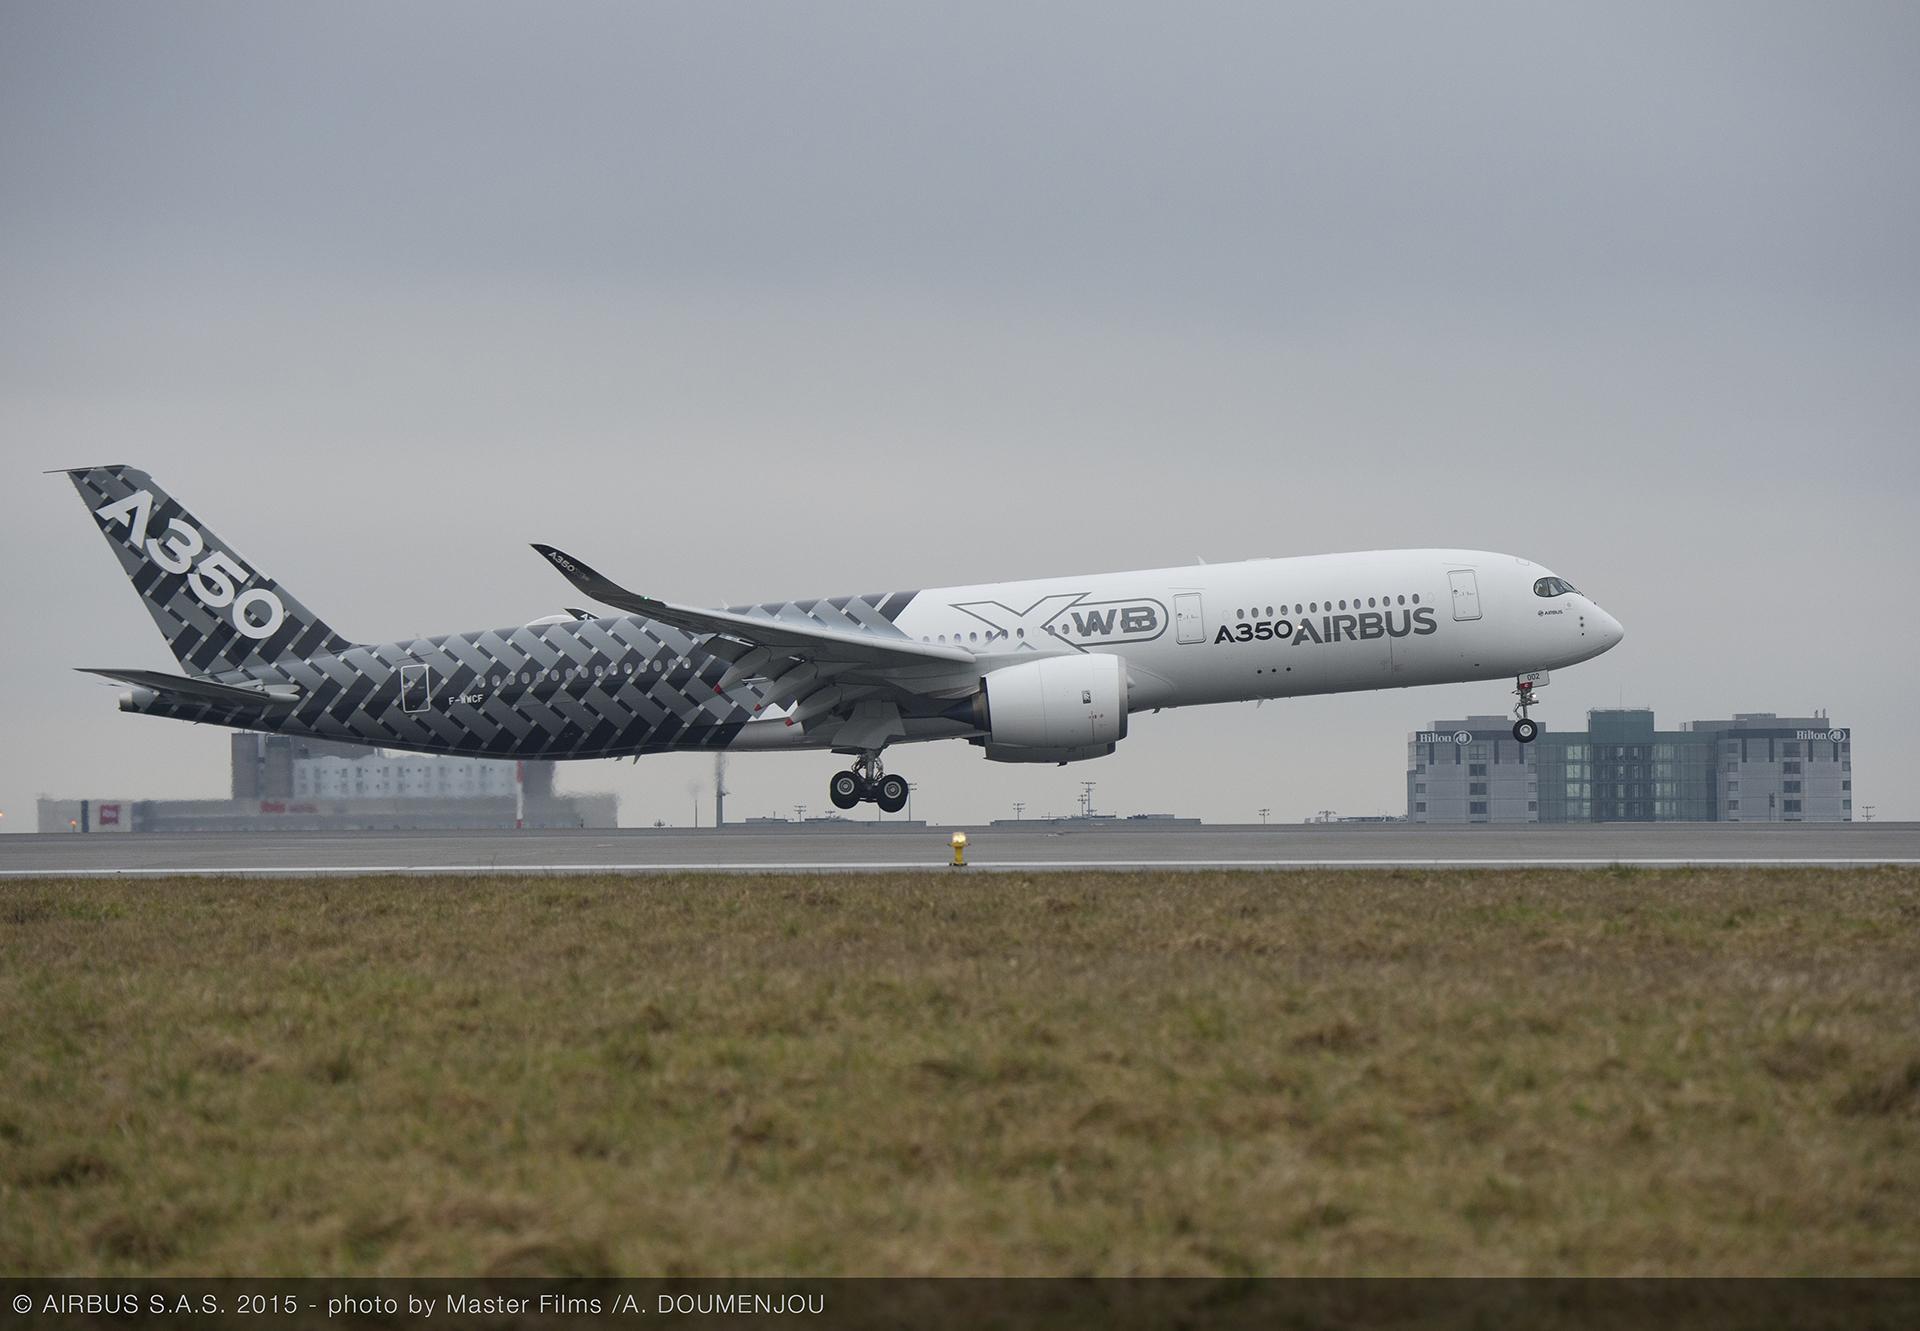 A350 XWB at Paris Charles de Gaulle 2